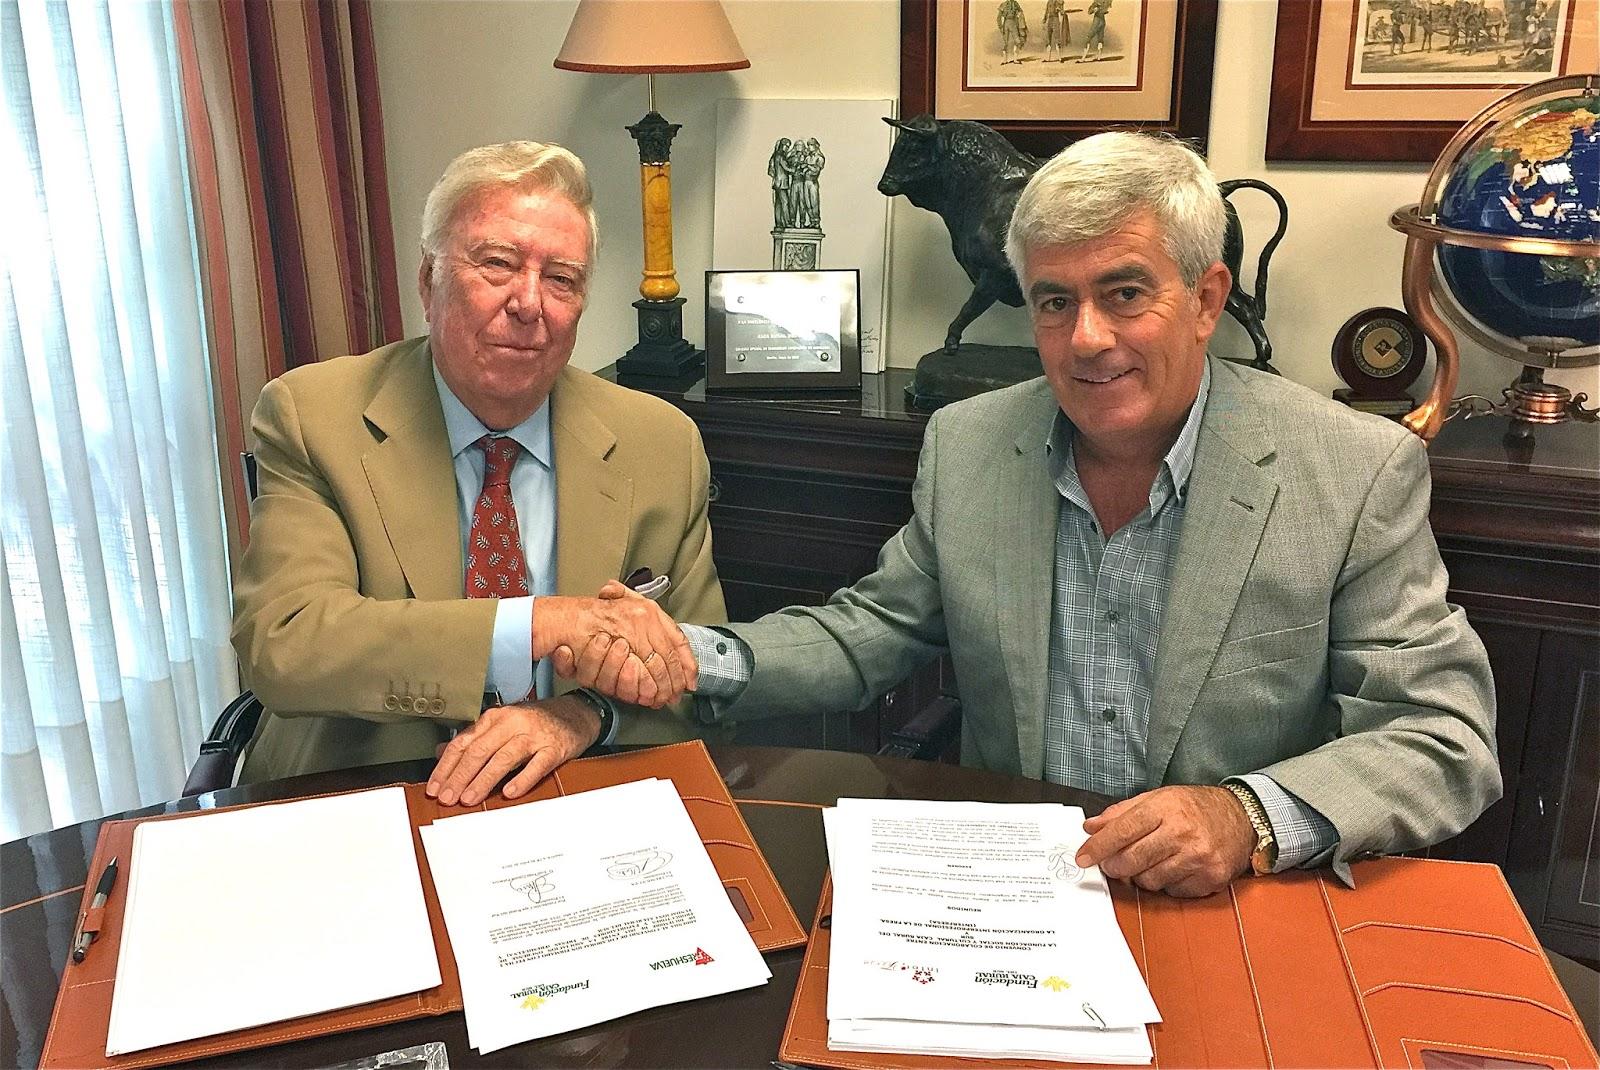 Fundación Caja Rural del Sur apoya al sector productivo de la fresa con la firma de dos convenios con Interfresa y Freshuelva